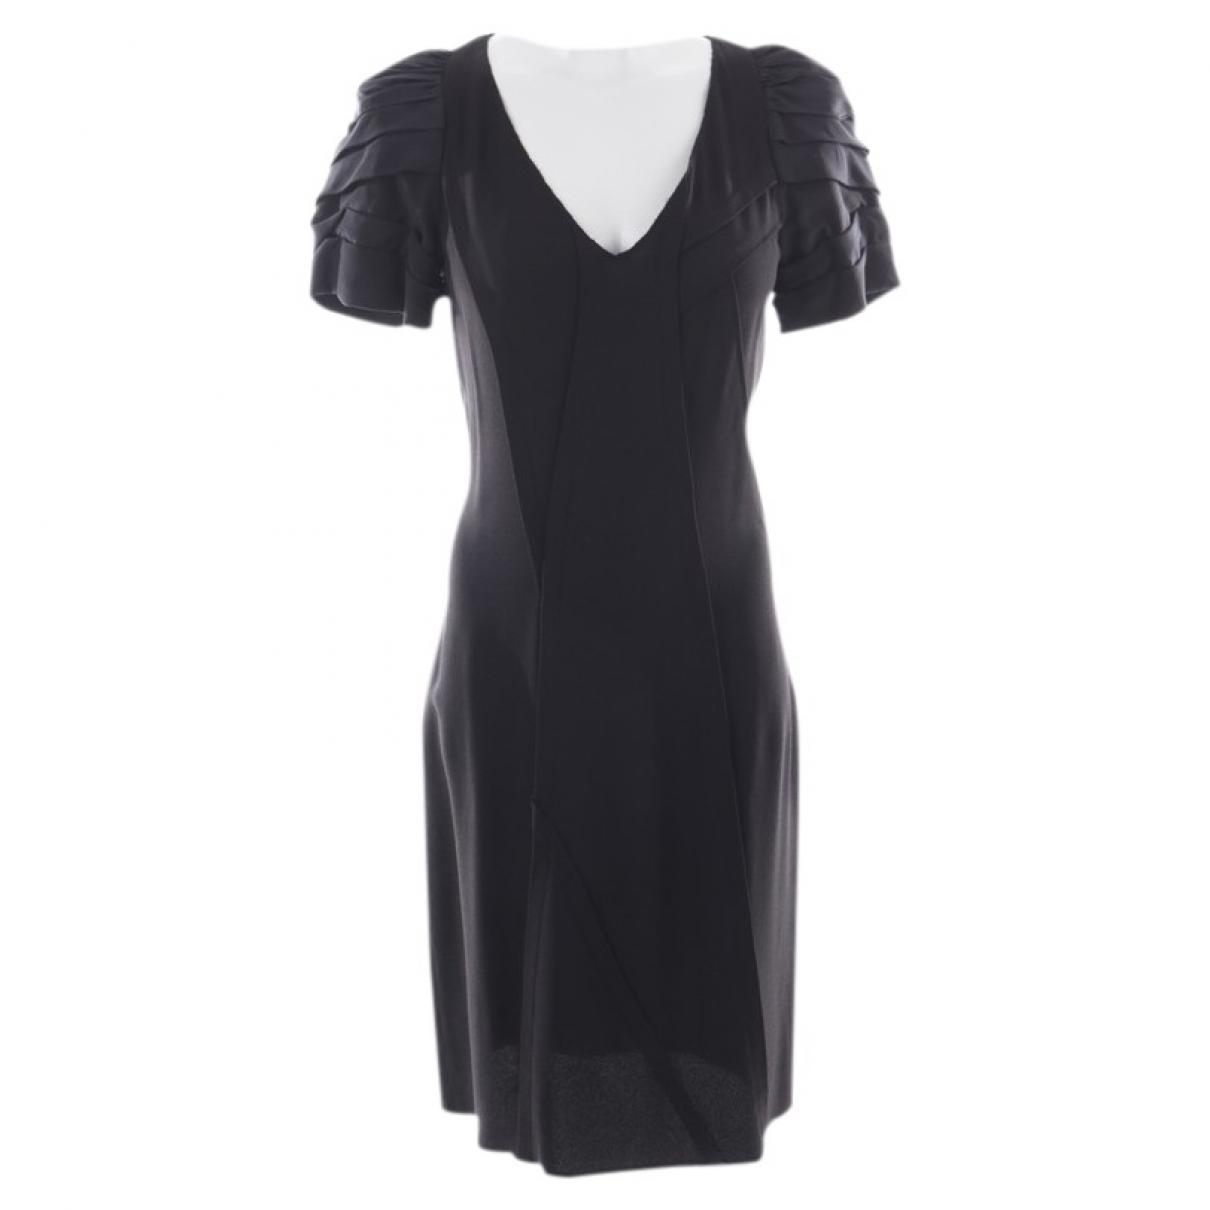 Prada \N Black dress for Women 34 FR